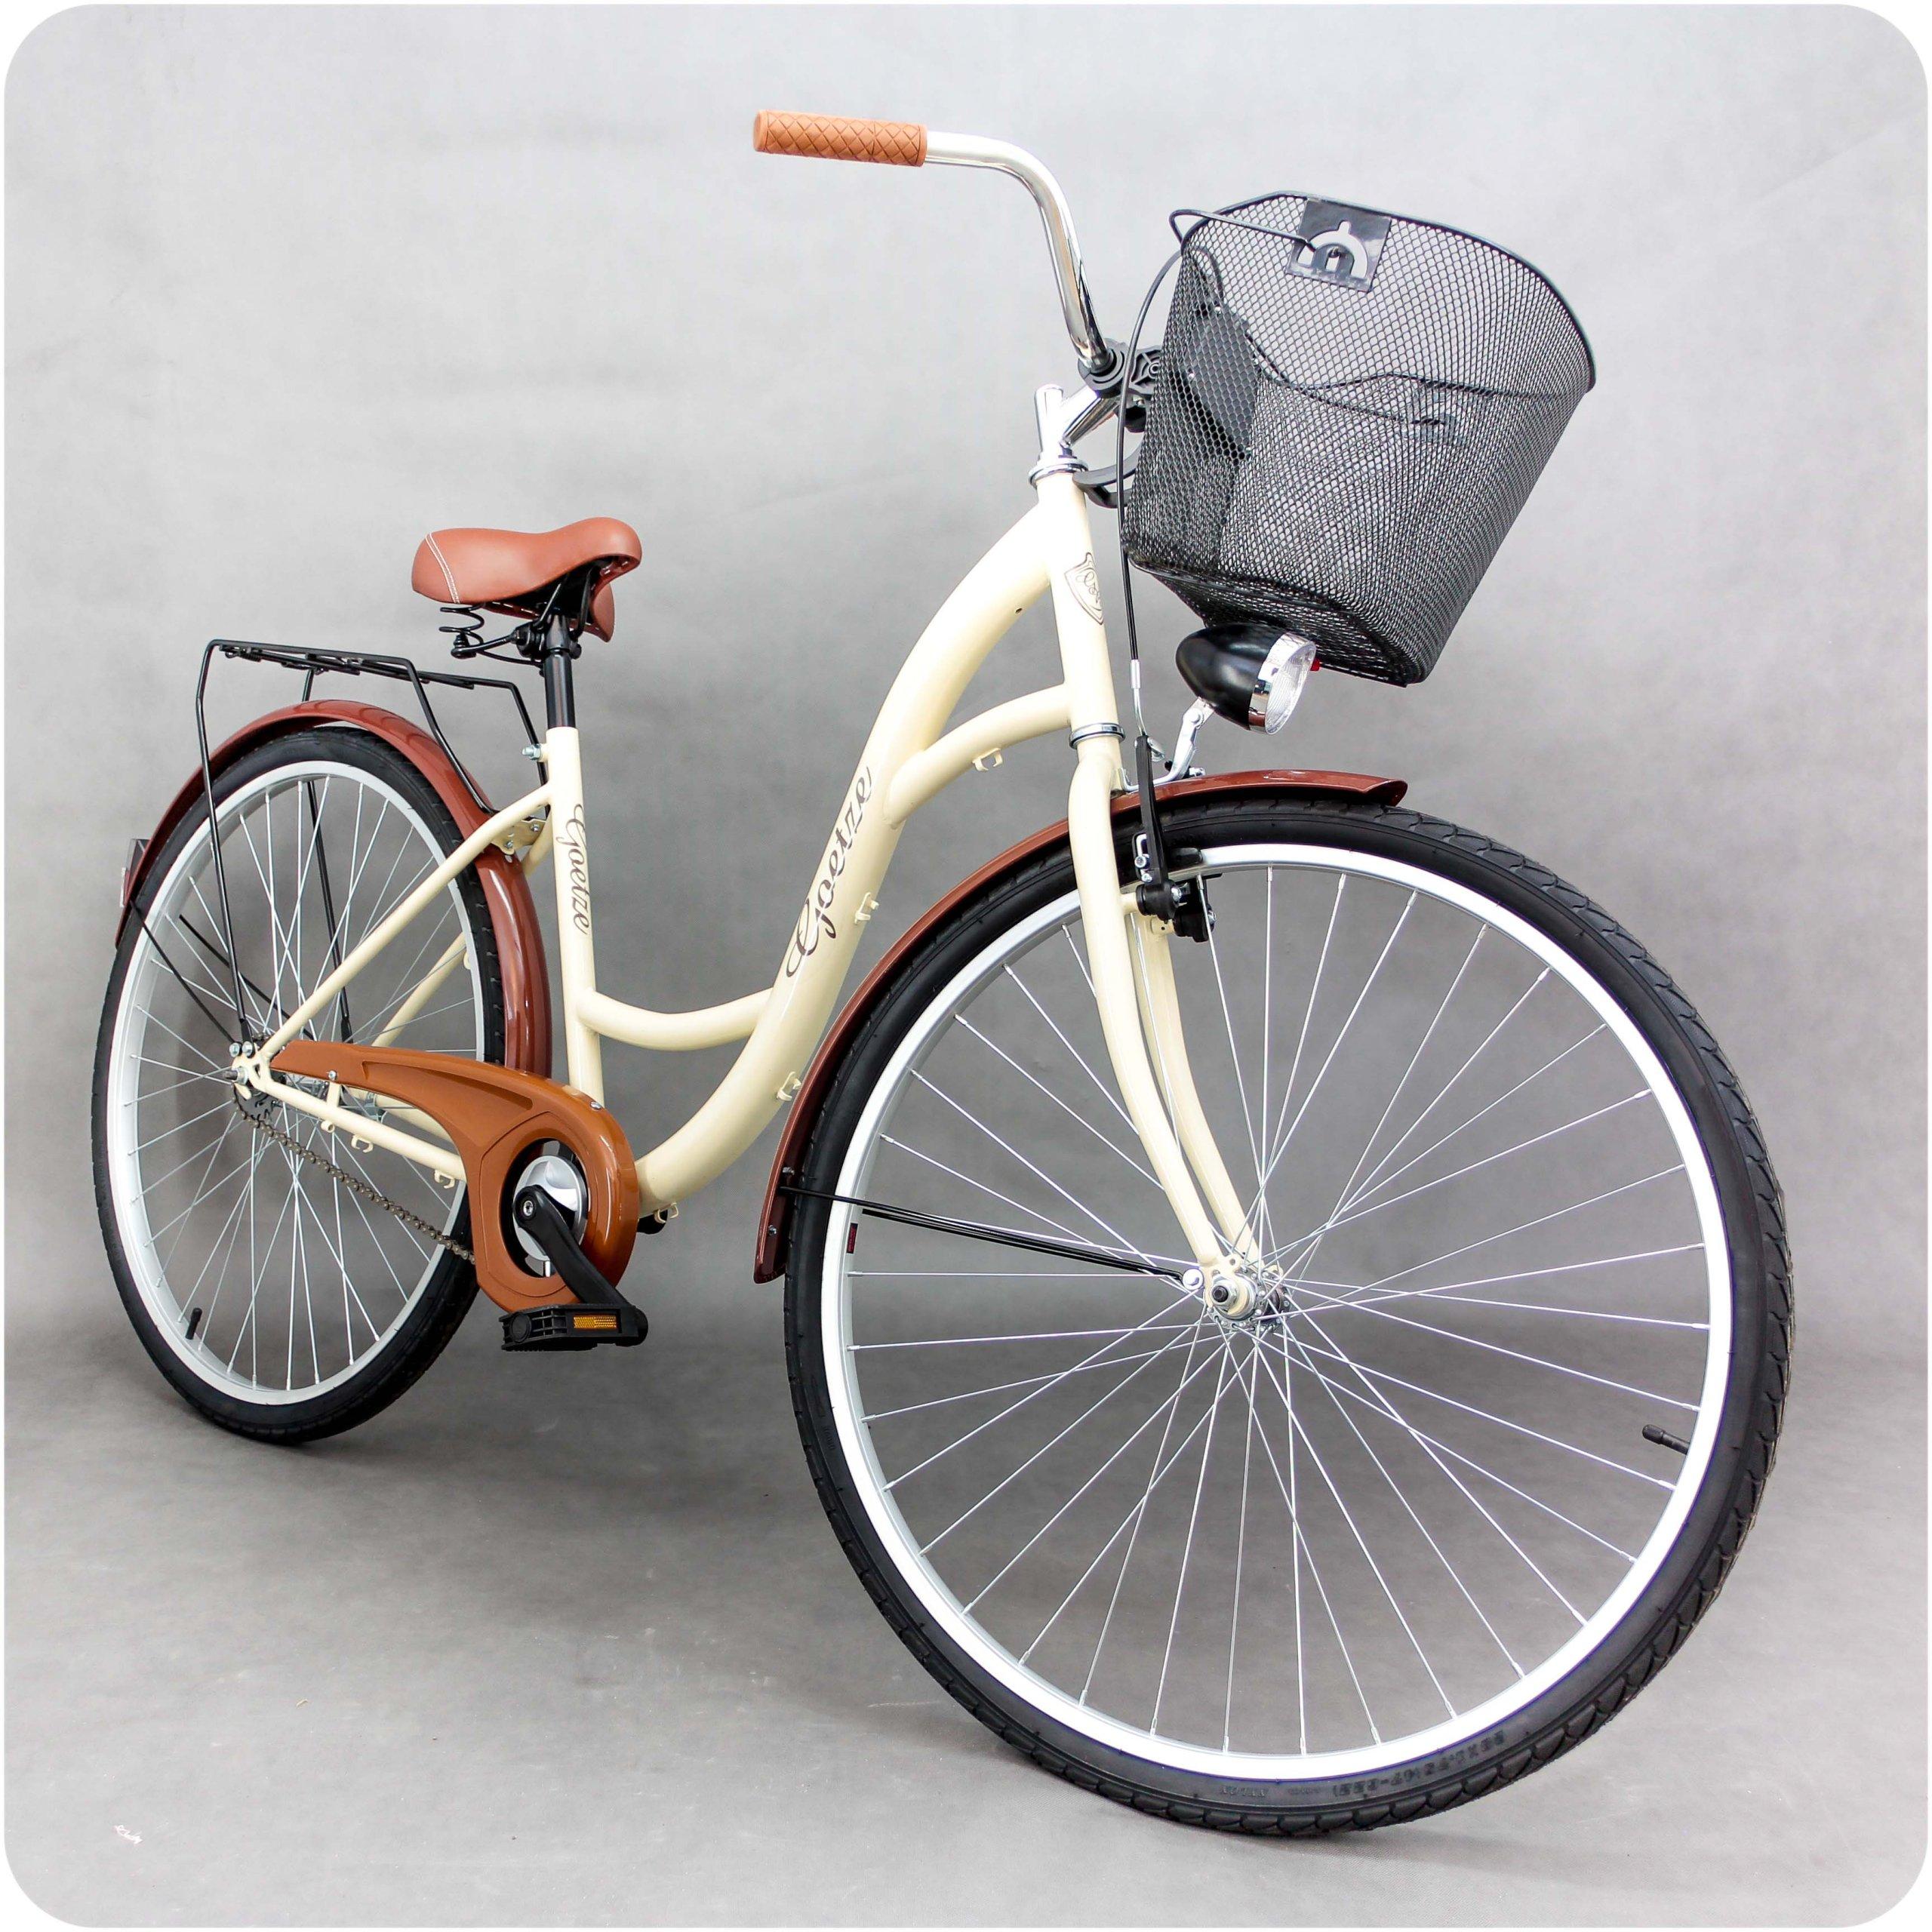 Dámsky mestský bicykel GOETZE 26 eco lady + košík !!!  Pohlavie dievčaťa